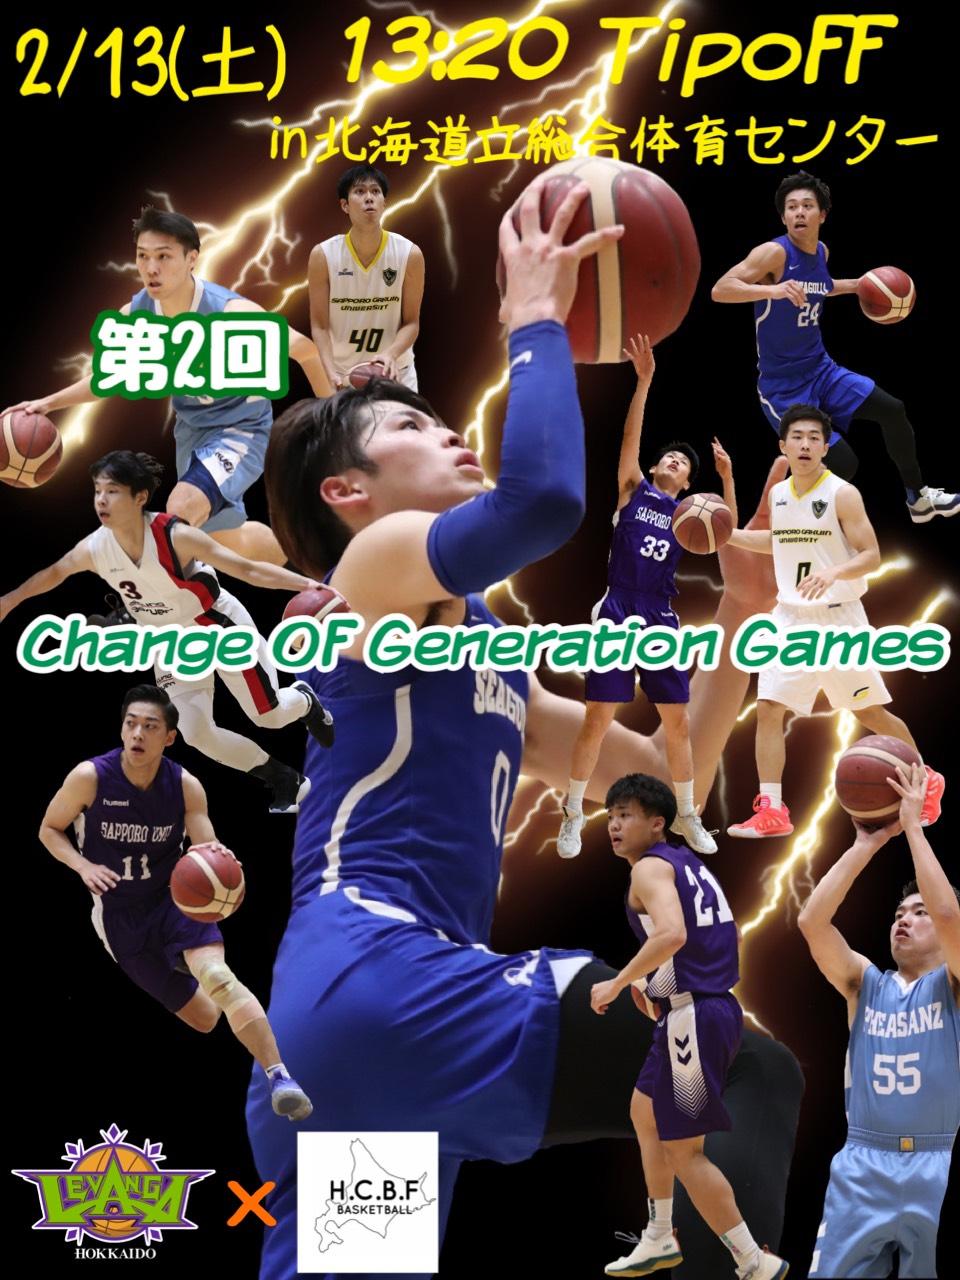 レバンガ北海道コラボ企画 第2回 Change of Generation Games が開催されました!